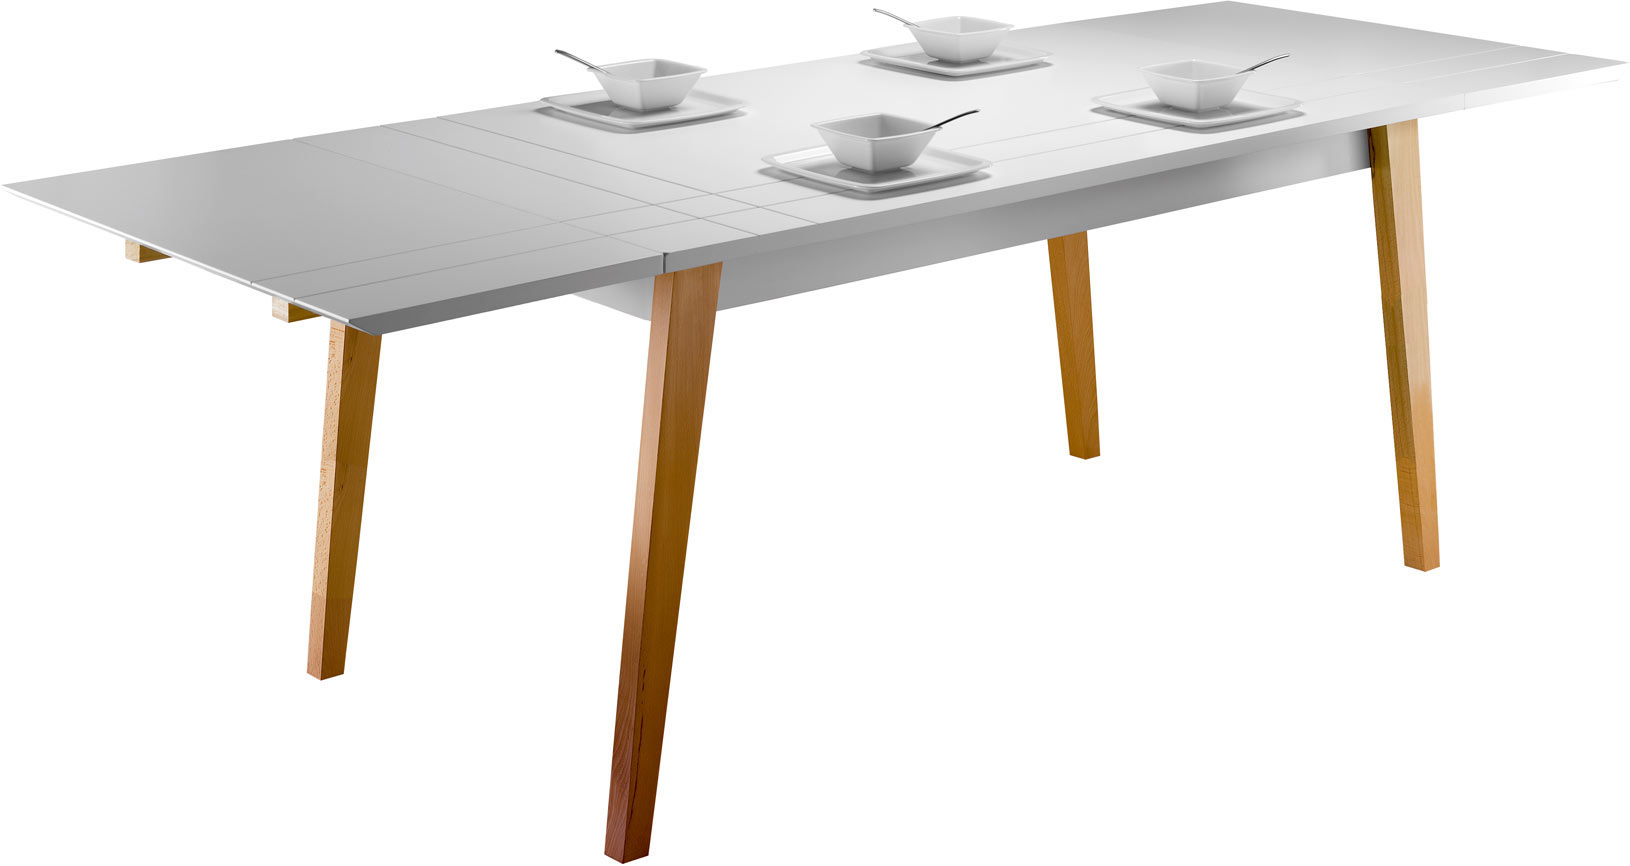 Table de salle à manger extensible scandinave Bristol